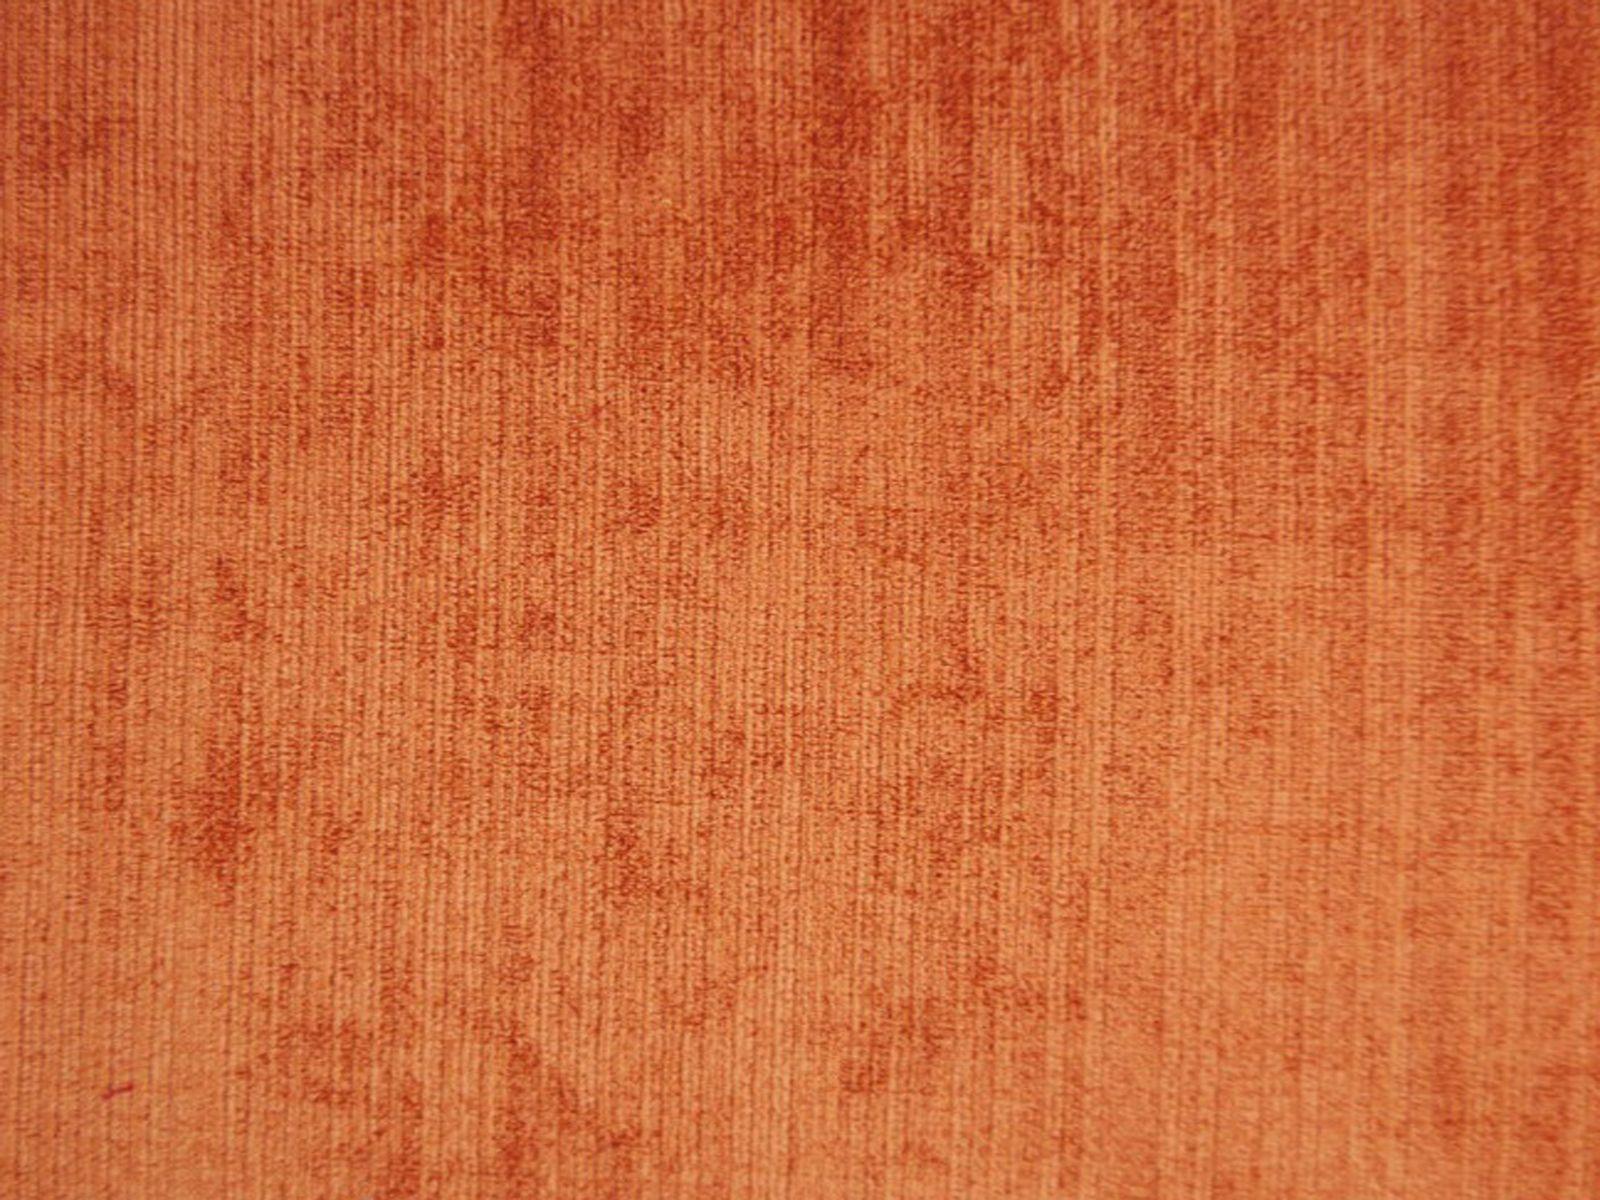 Mango Orange Upholstery Fabric Assisi 2019 Velvet